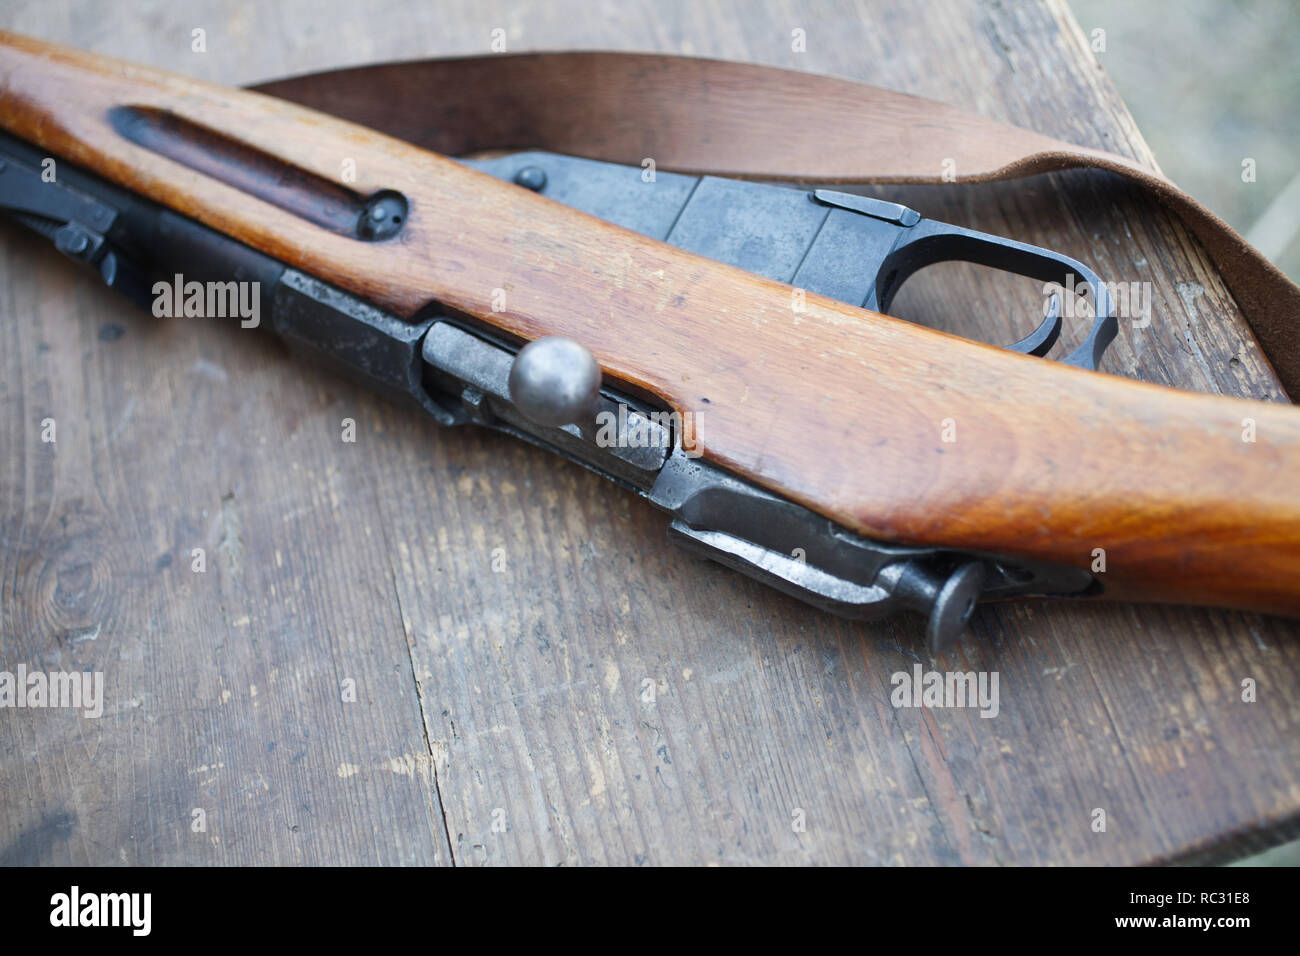 Russian Army Rifles on wooden desk, First World War-era reenactment - Stock Image